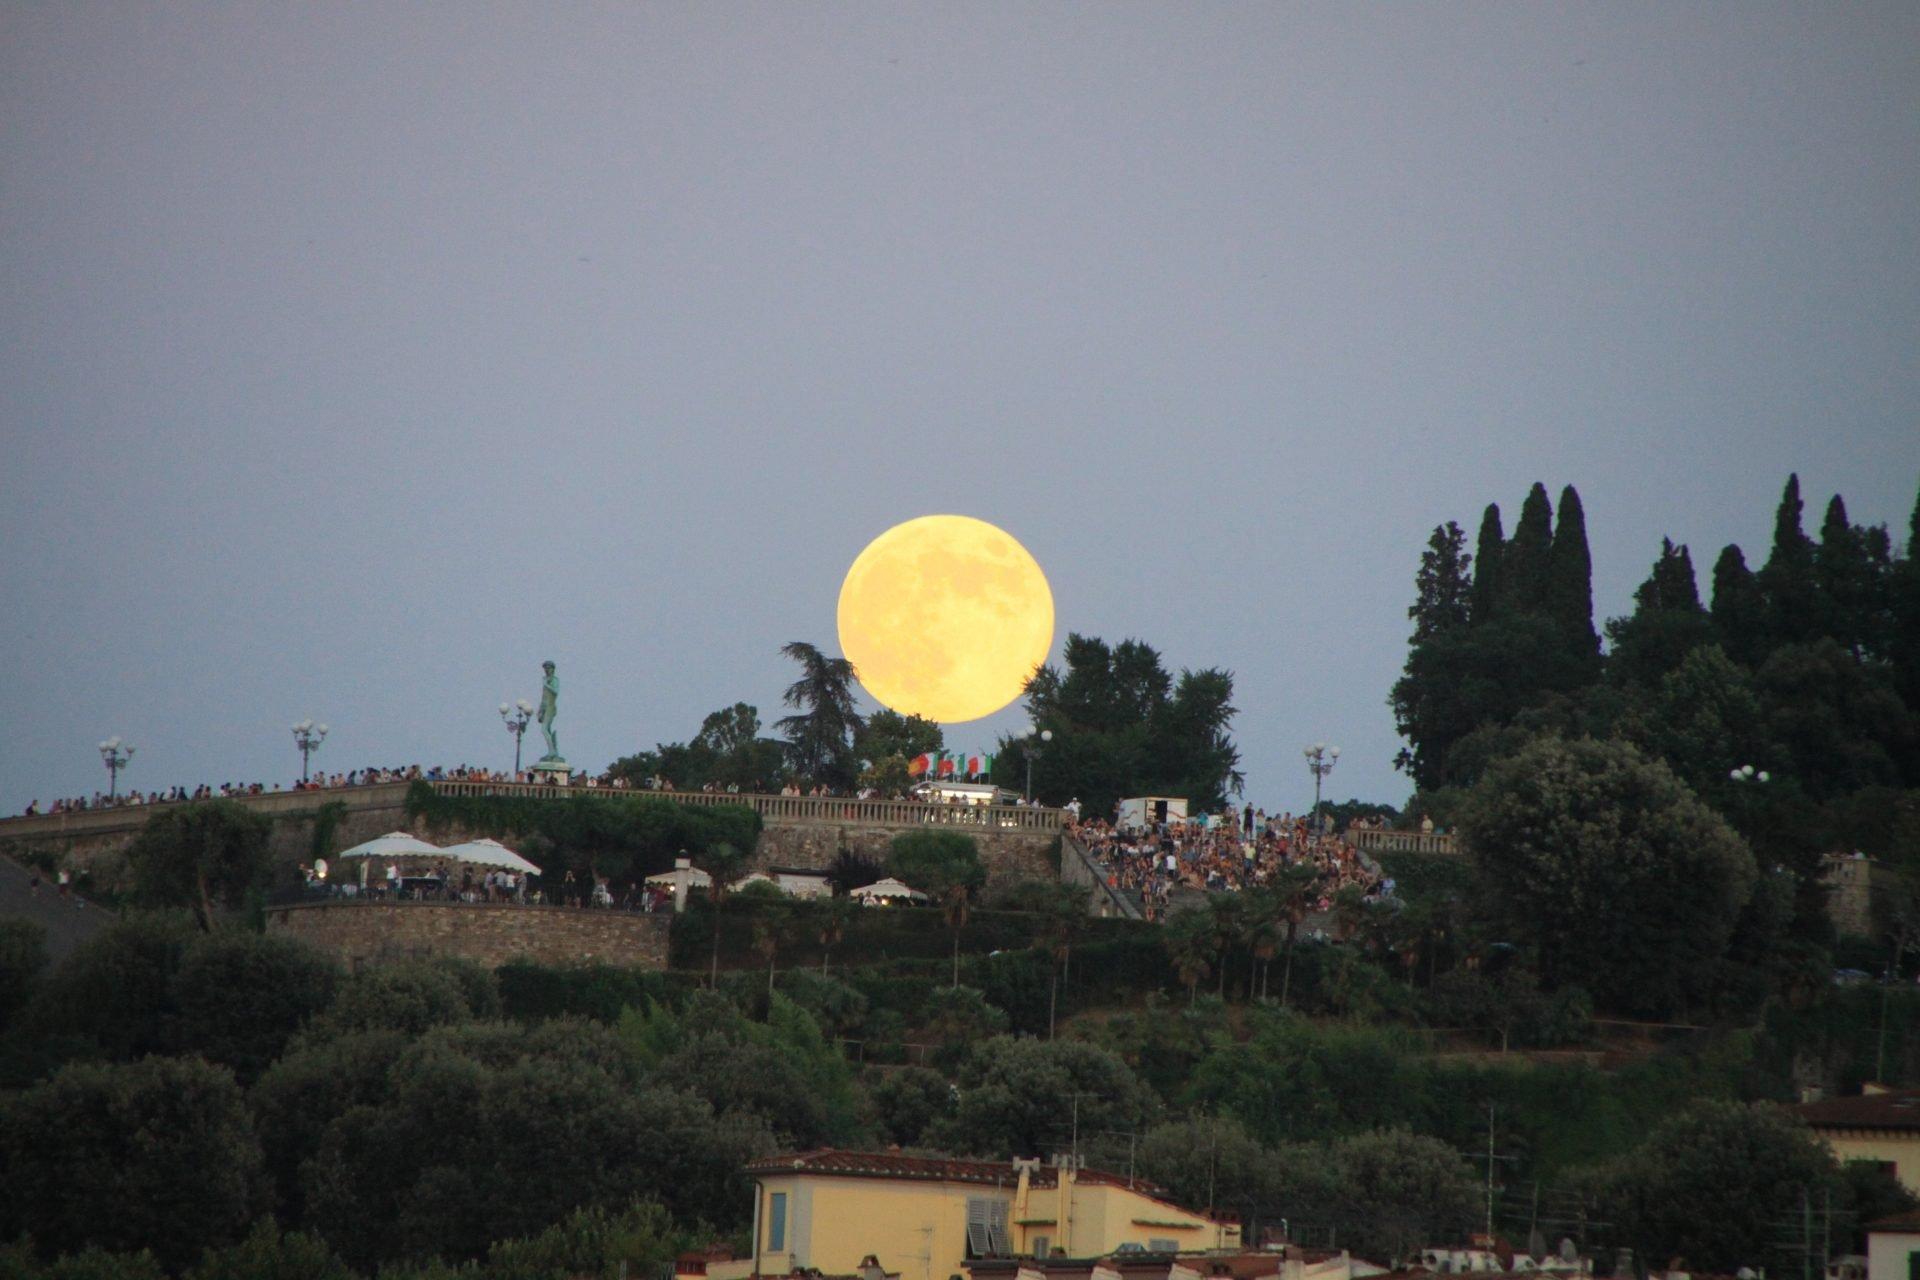 Луна и площадь Микеланджело, Флоренция, Италия. Июль, 2012